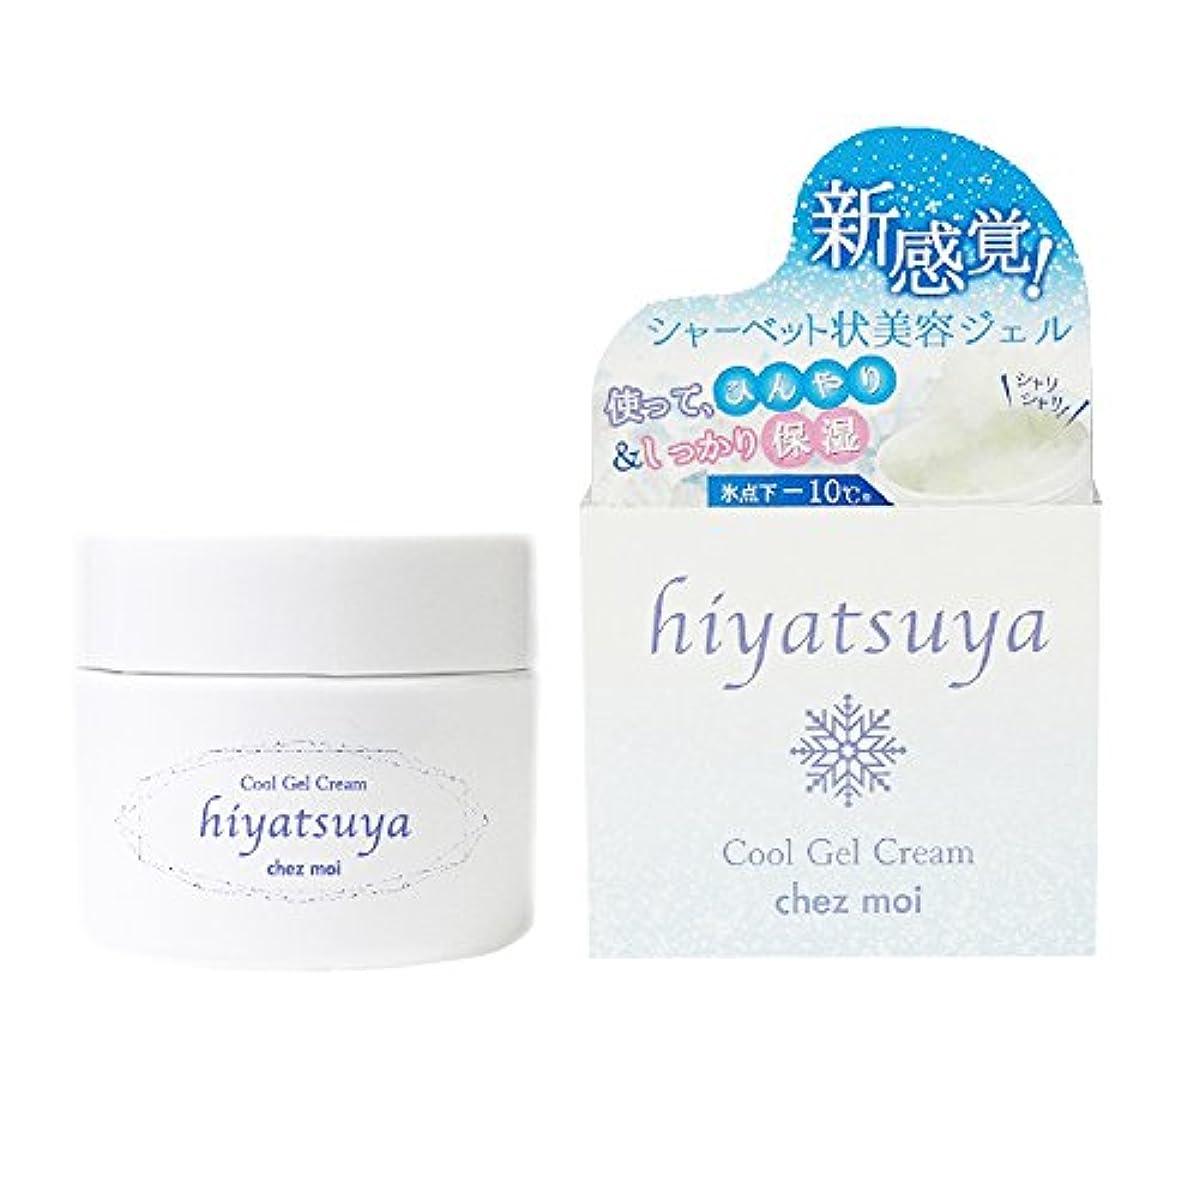 愛されし者次うがい薬シェモア hiyatsuya(ヒヤツヤ) cool gel cream 70g